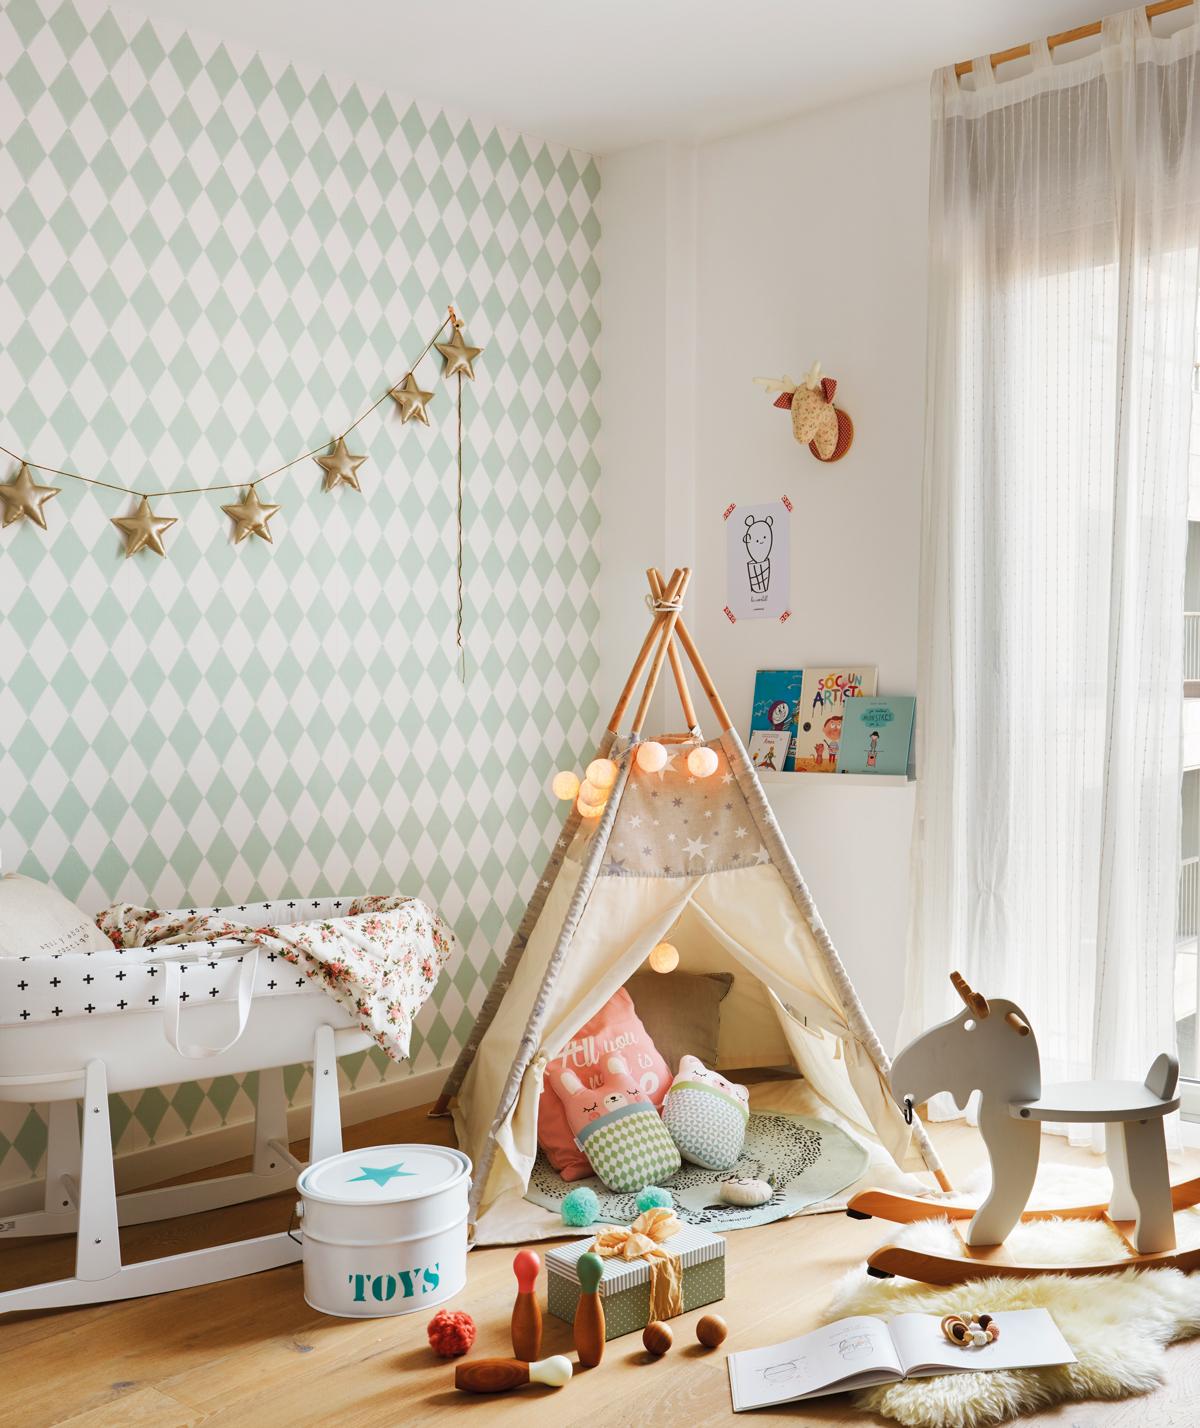 habitacin de beb con papel pintado cuna tipi y juguetes en el